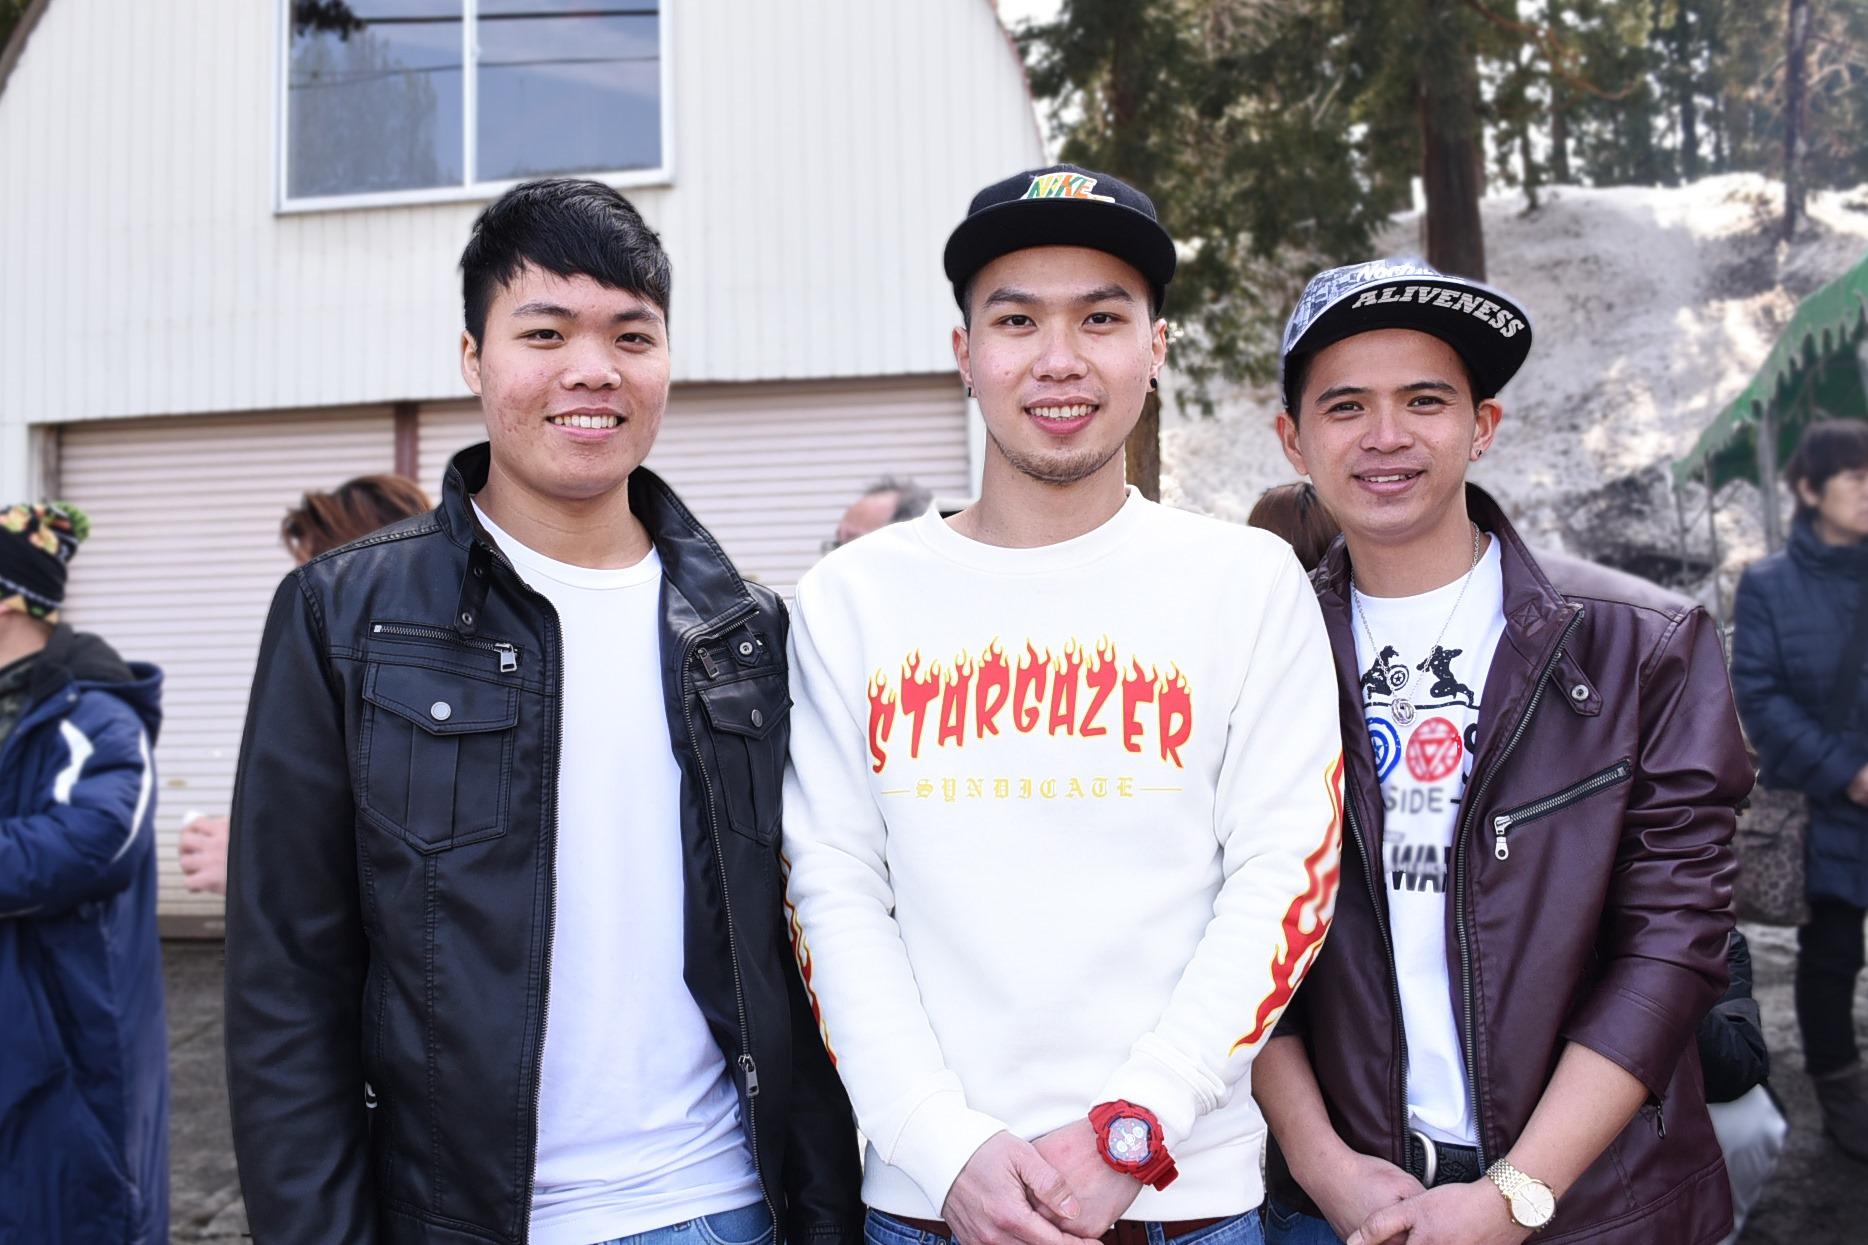 面倒見のよい近所の方に連れられて来たという、ベトナム出身男性3人組。